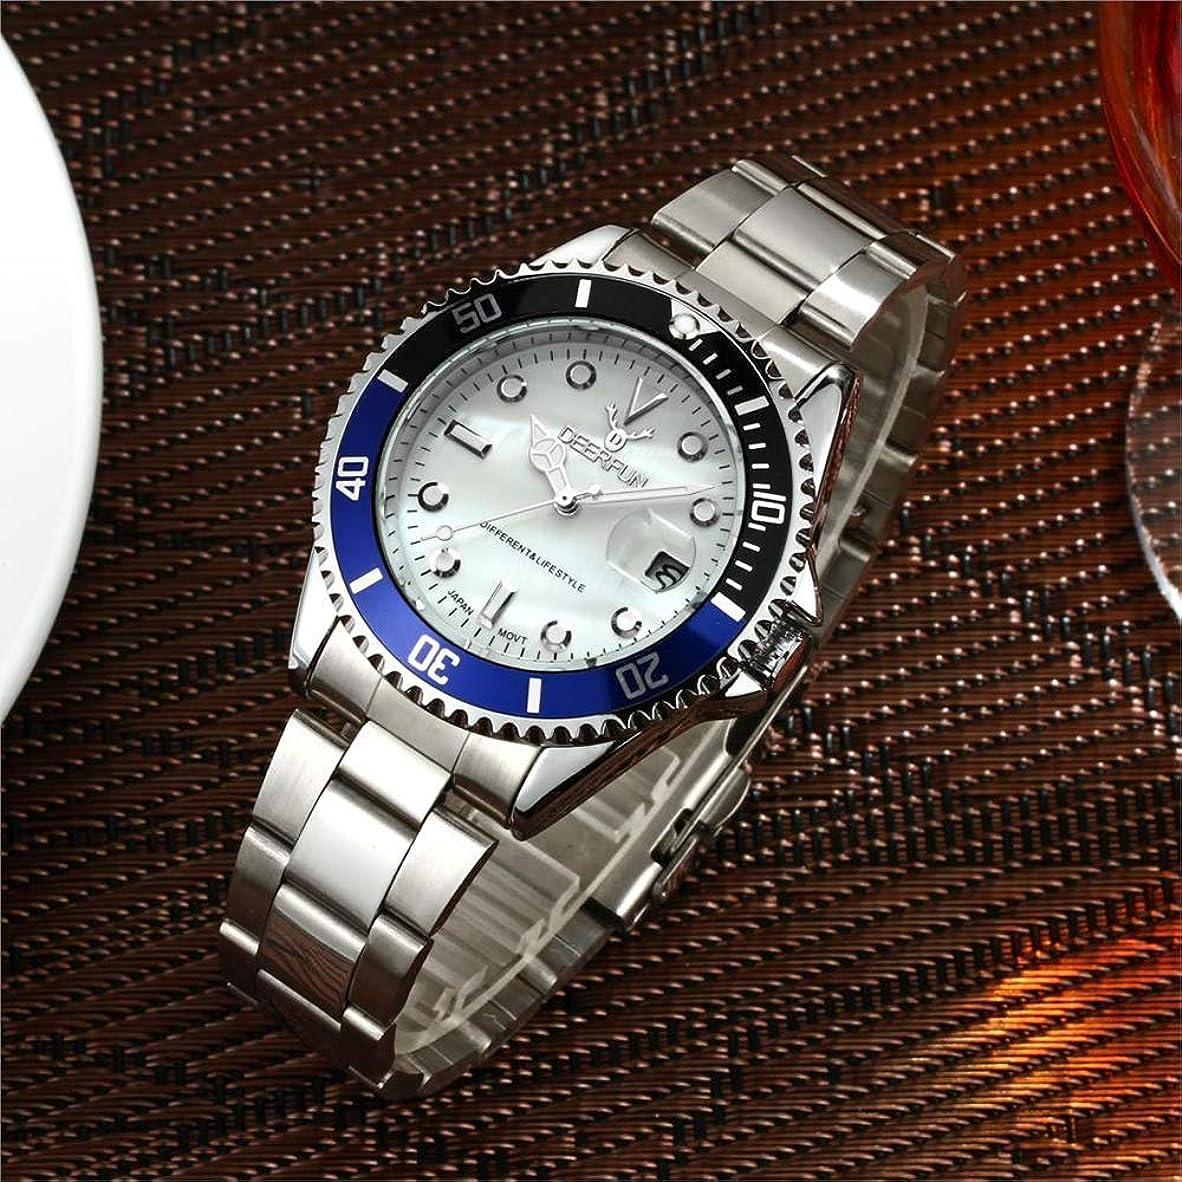 こどもセンター役に立つ意気消沈した防水腕時計メンズ高級ブランドカジュアルステンレススチールスポーツ腕時計クォーツ腕時計メンズ腕時計 (E)